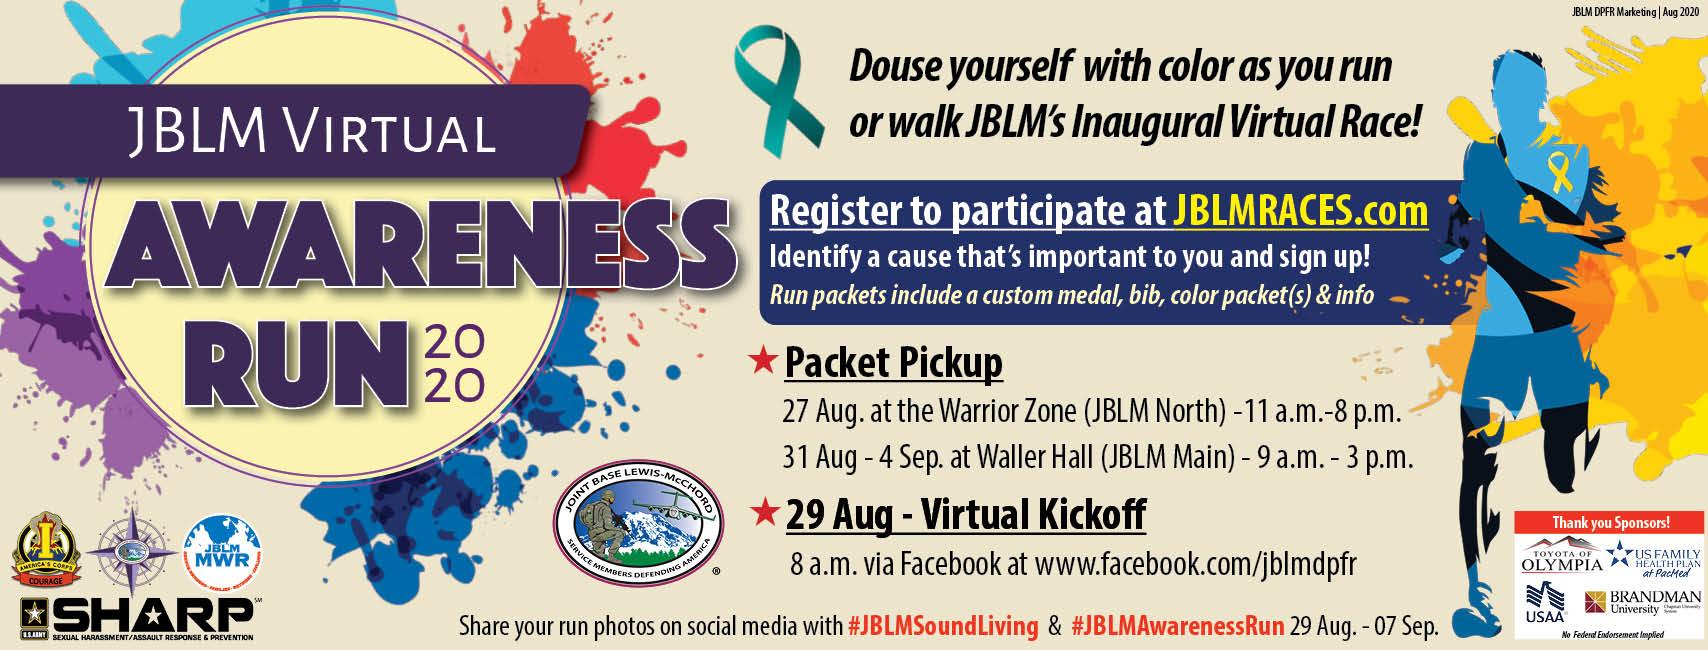 JBLM Virtual Awareness Run